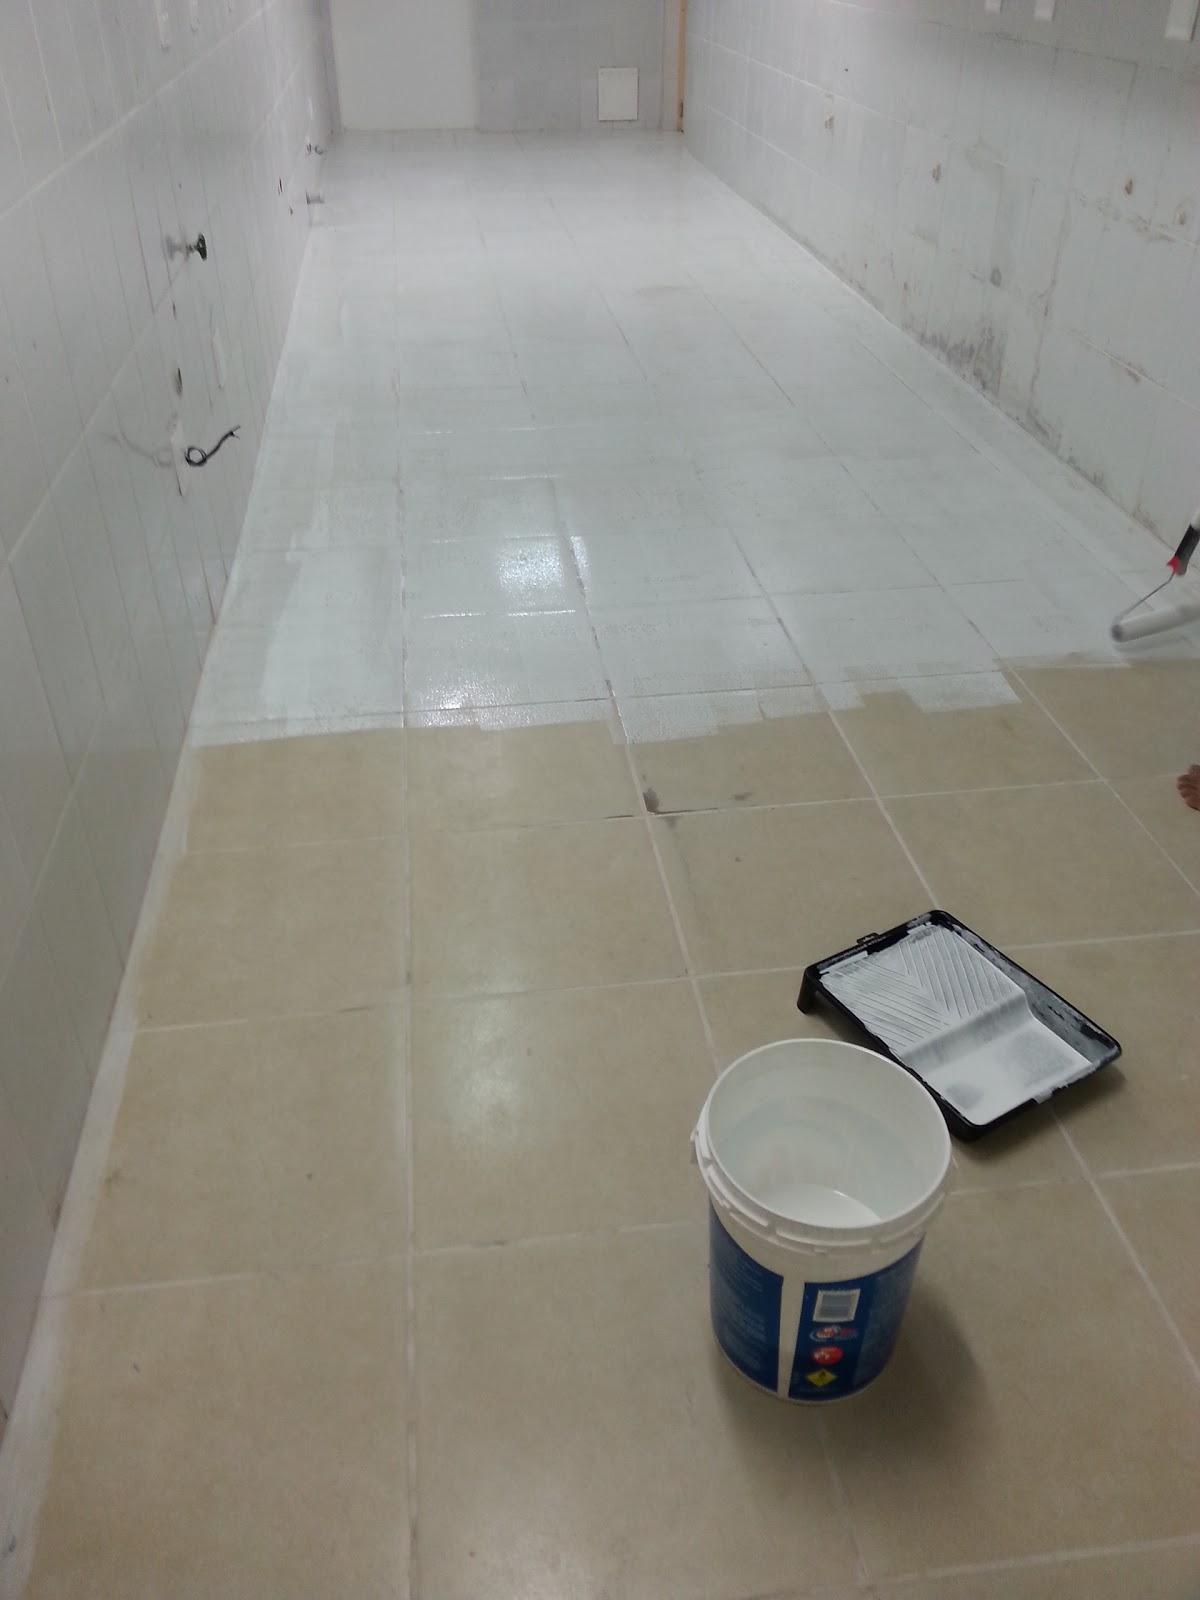 Pintura piso porcelanato cozinha tinta especial for Pintura azulejos barata